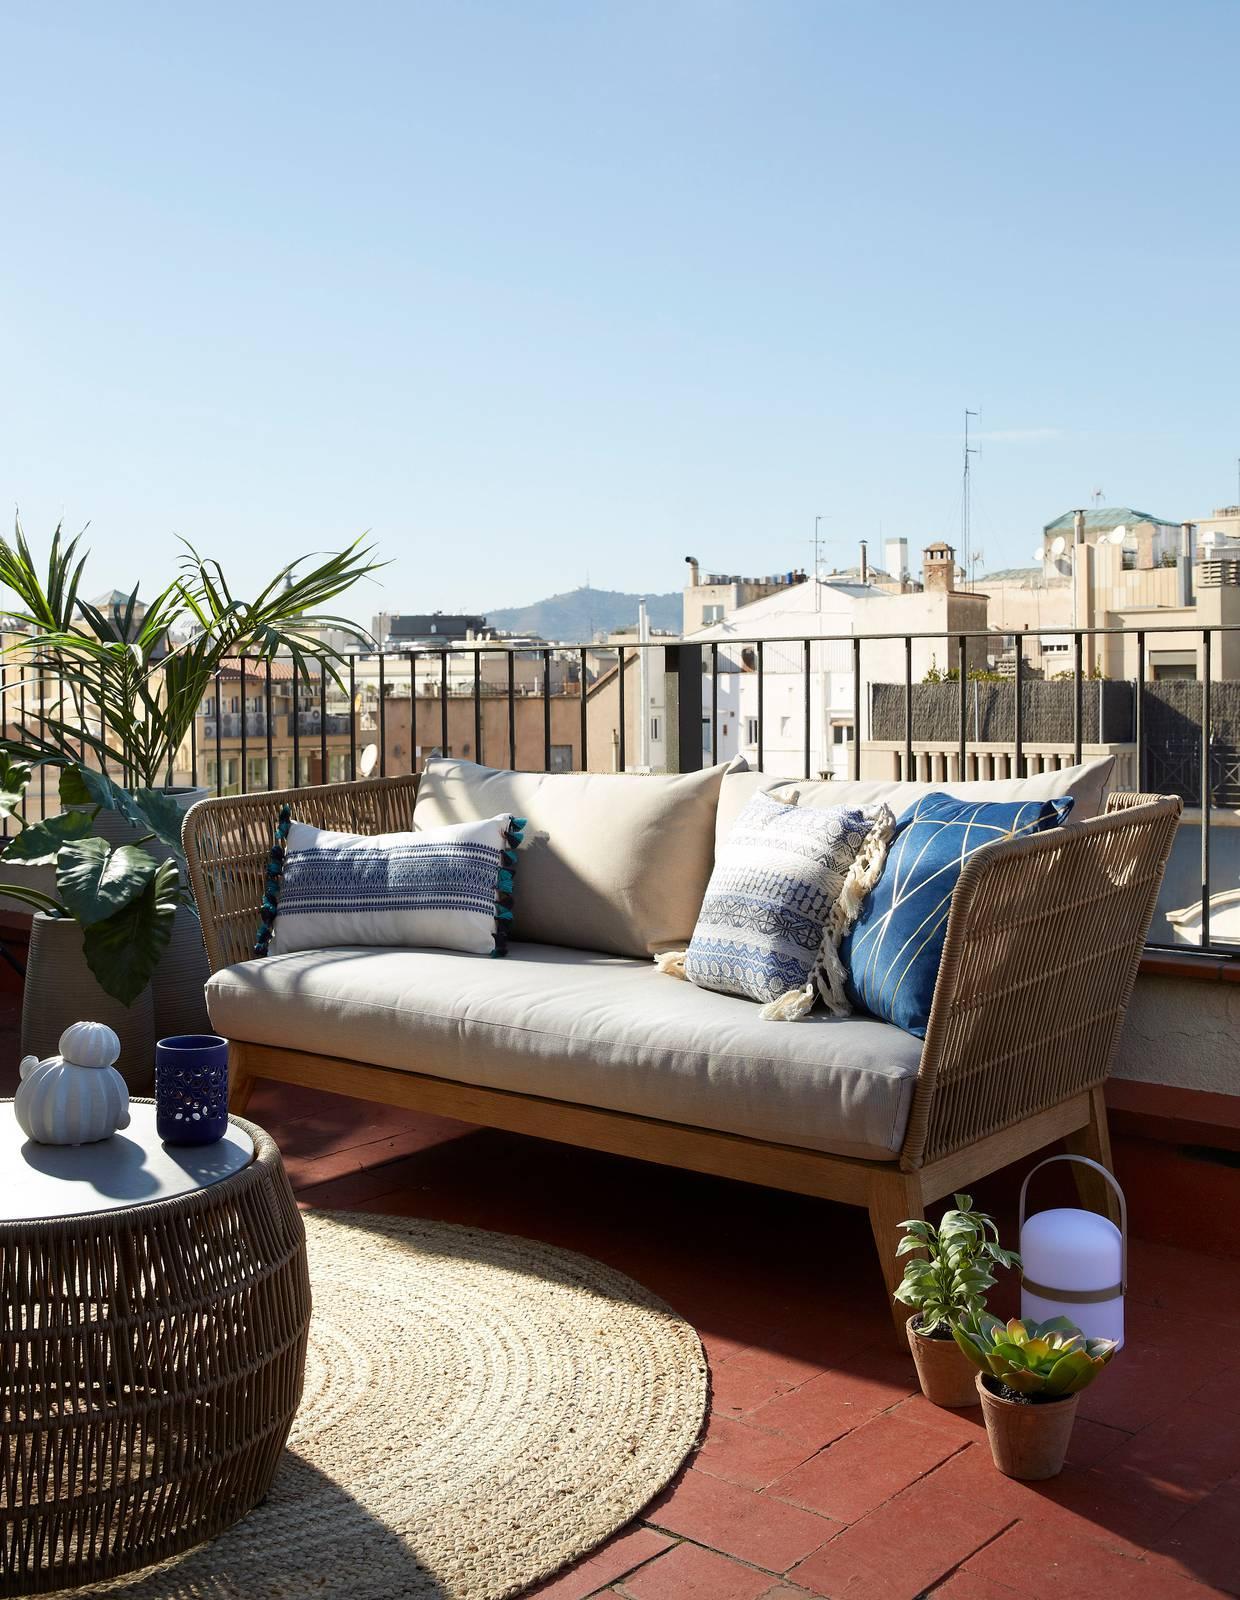 Divanetto Per Balcone Piccolo divani per esterno: 12 modelli per terrazzo, giardino o